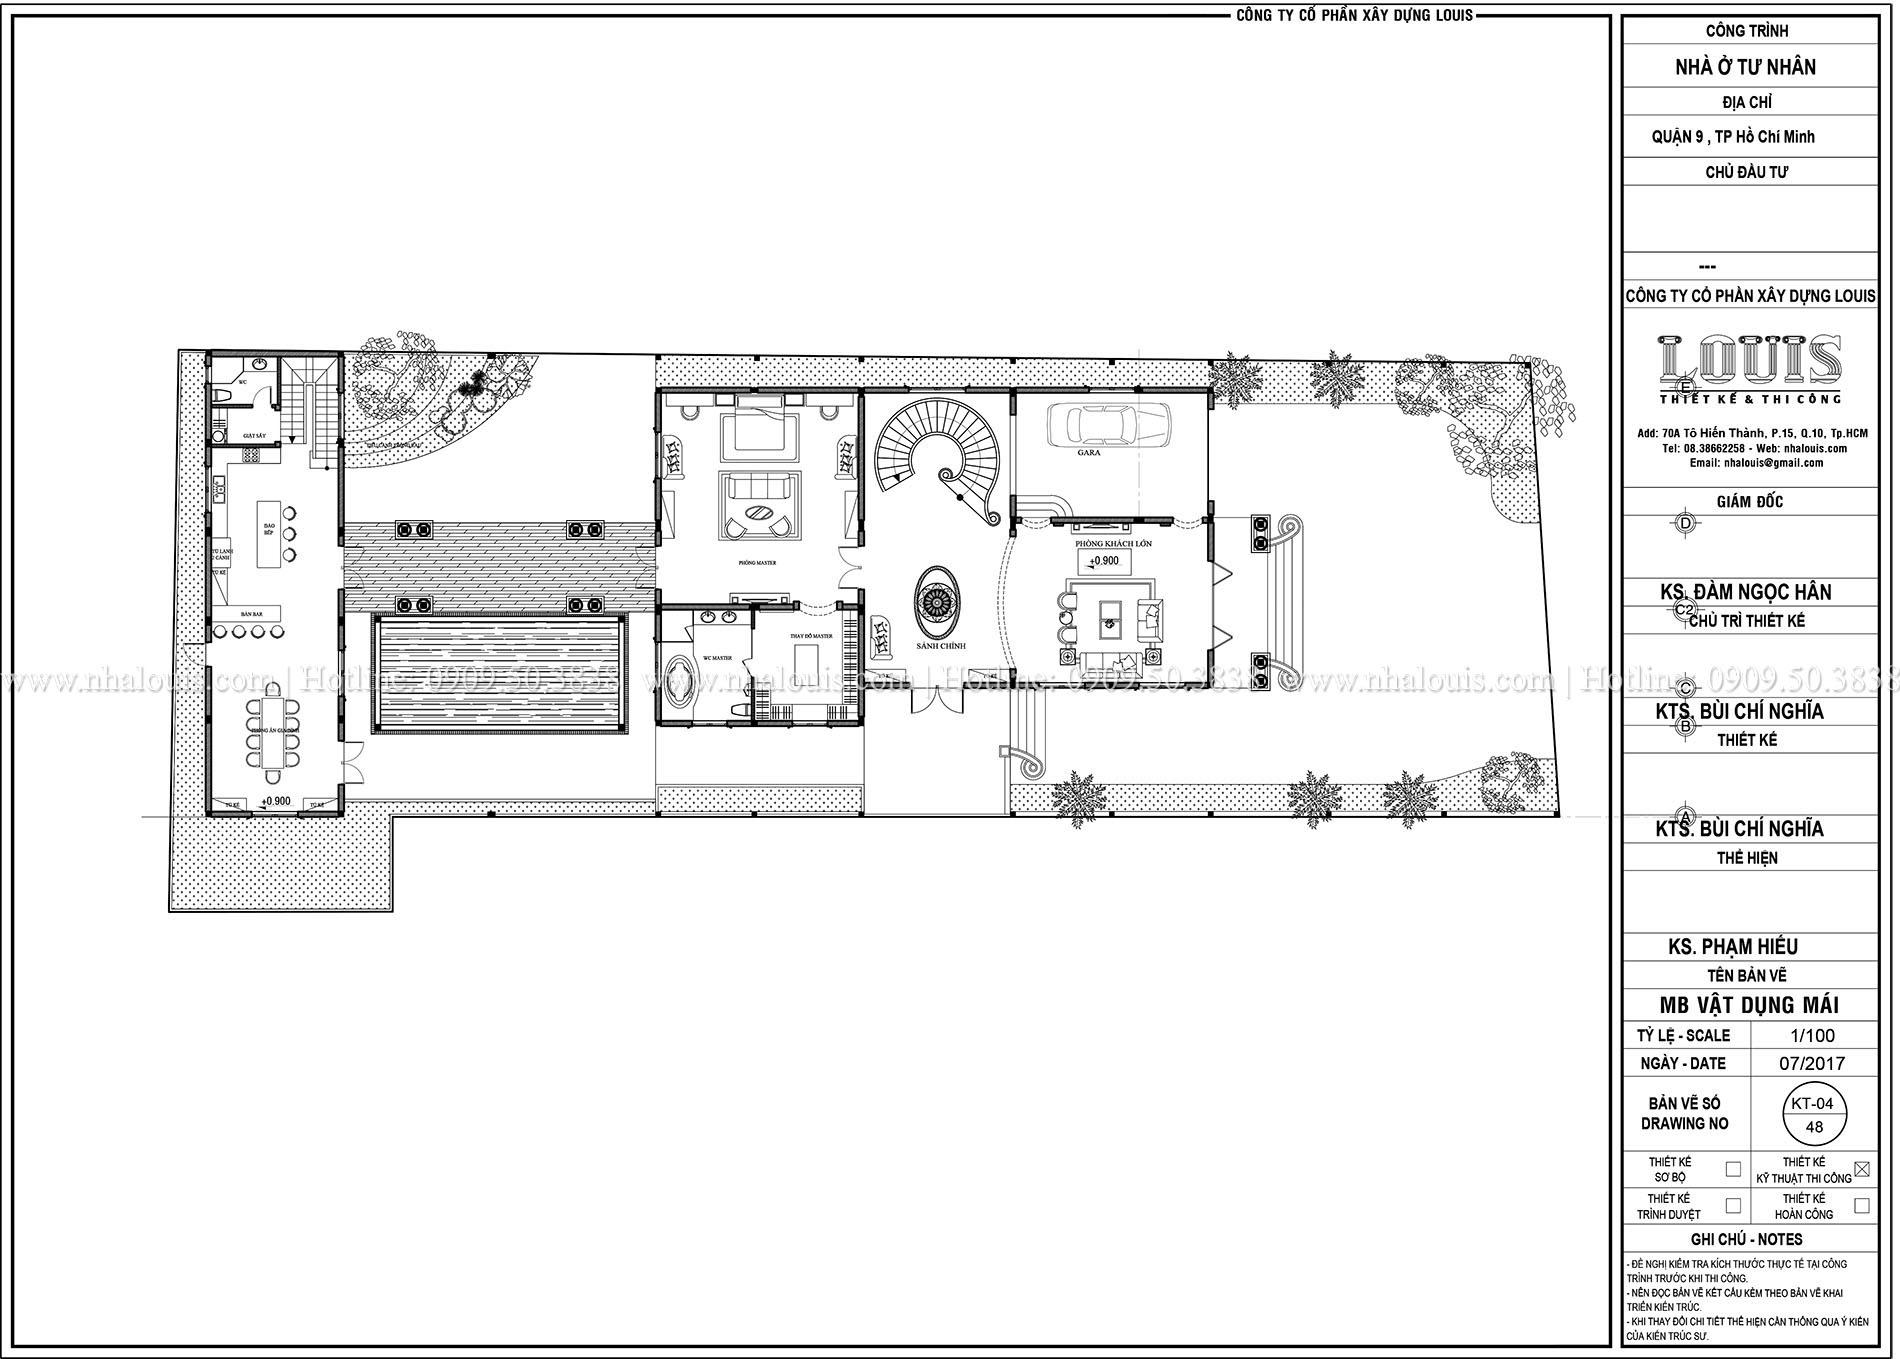 Mặt bằng tầng trệt mẫu biệt thự 2 tầng đẹp - 006